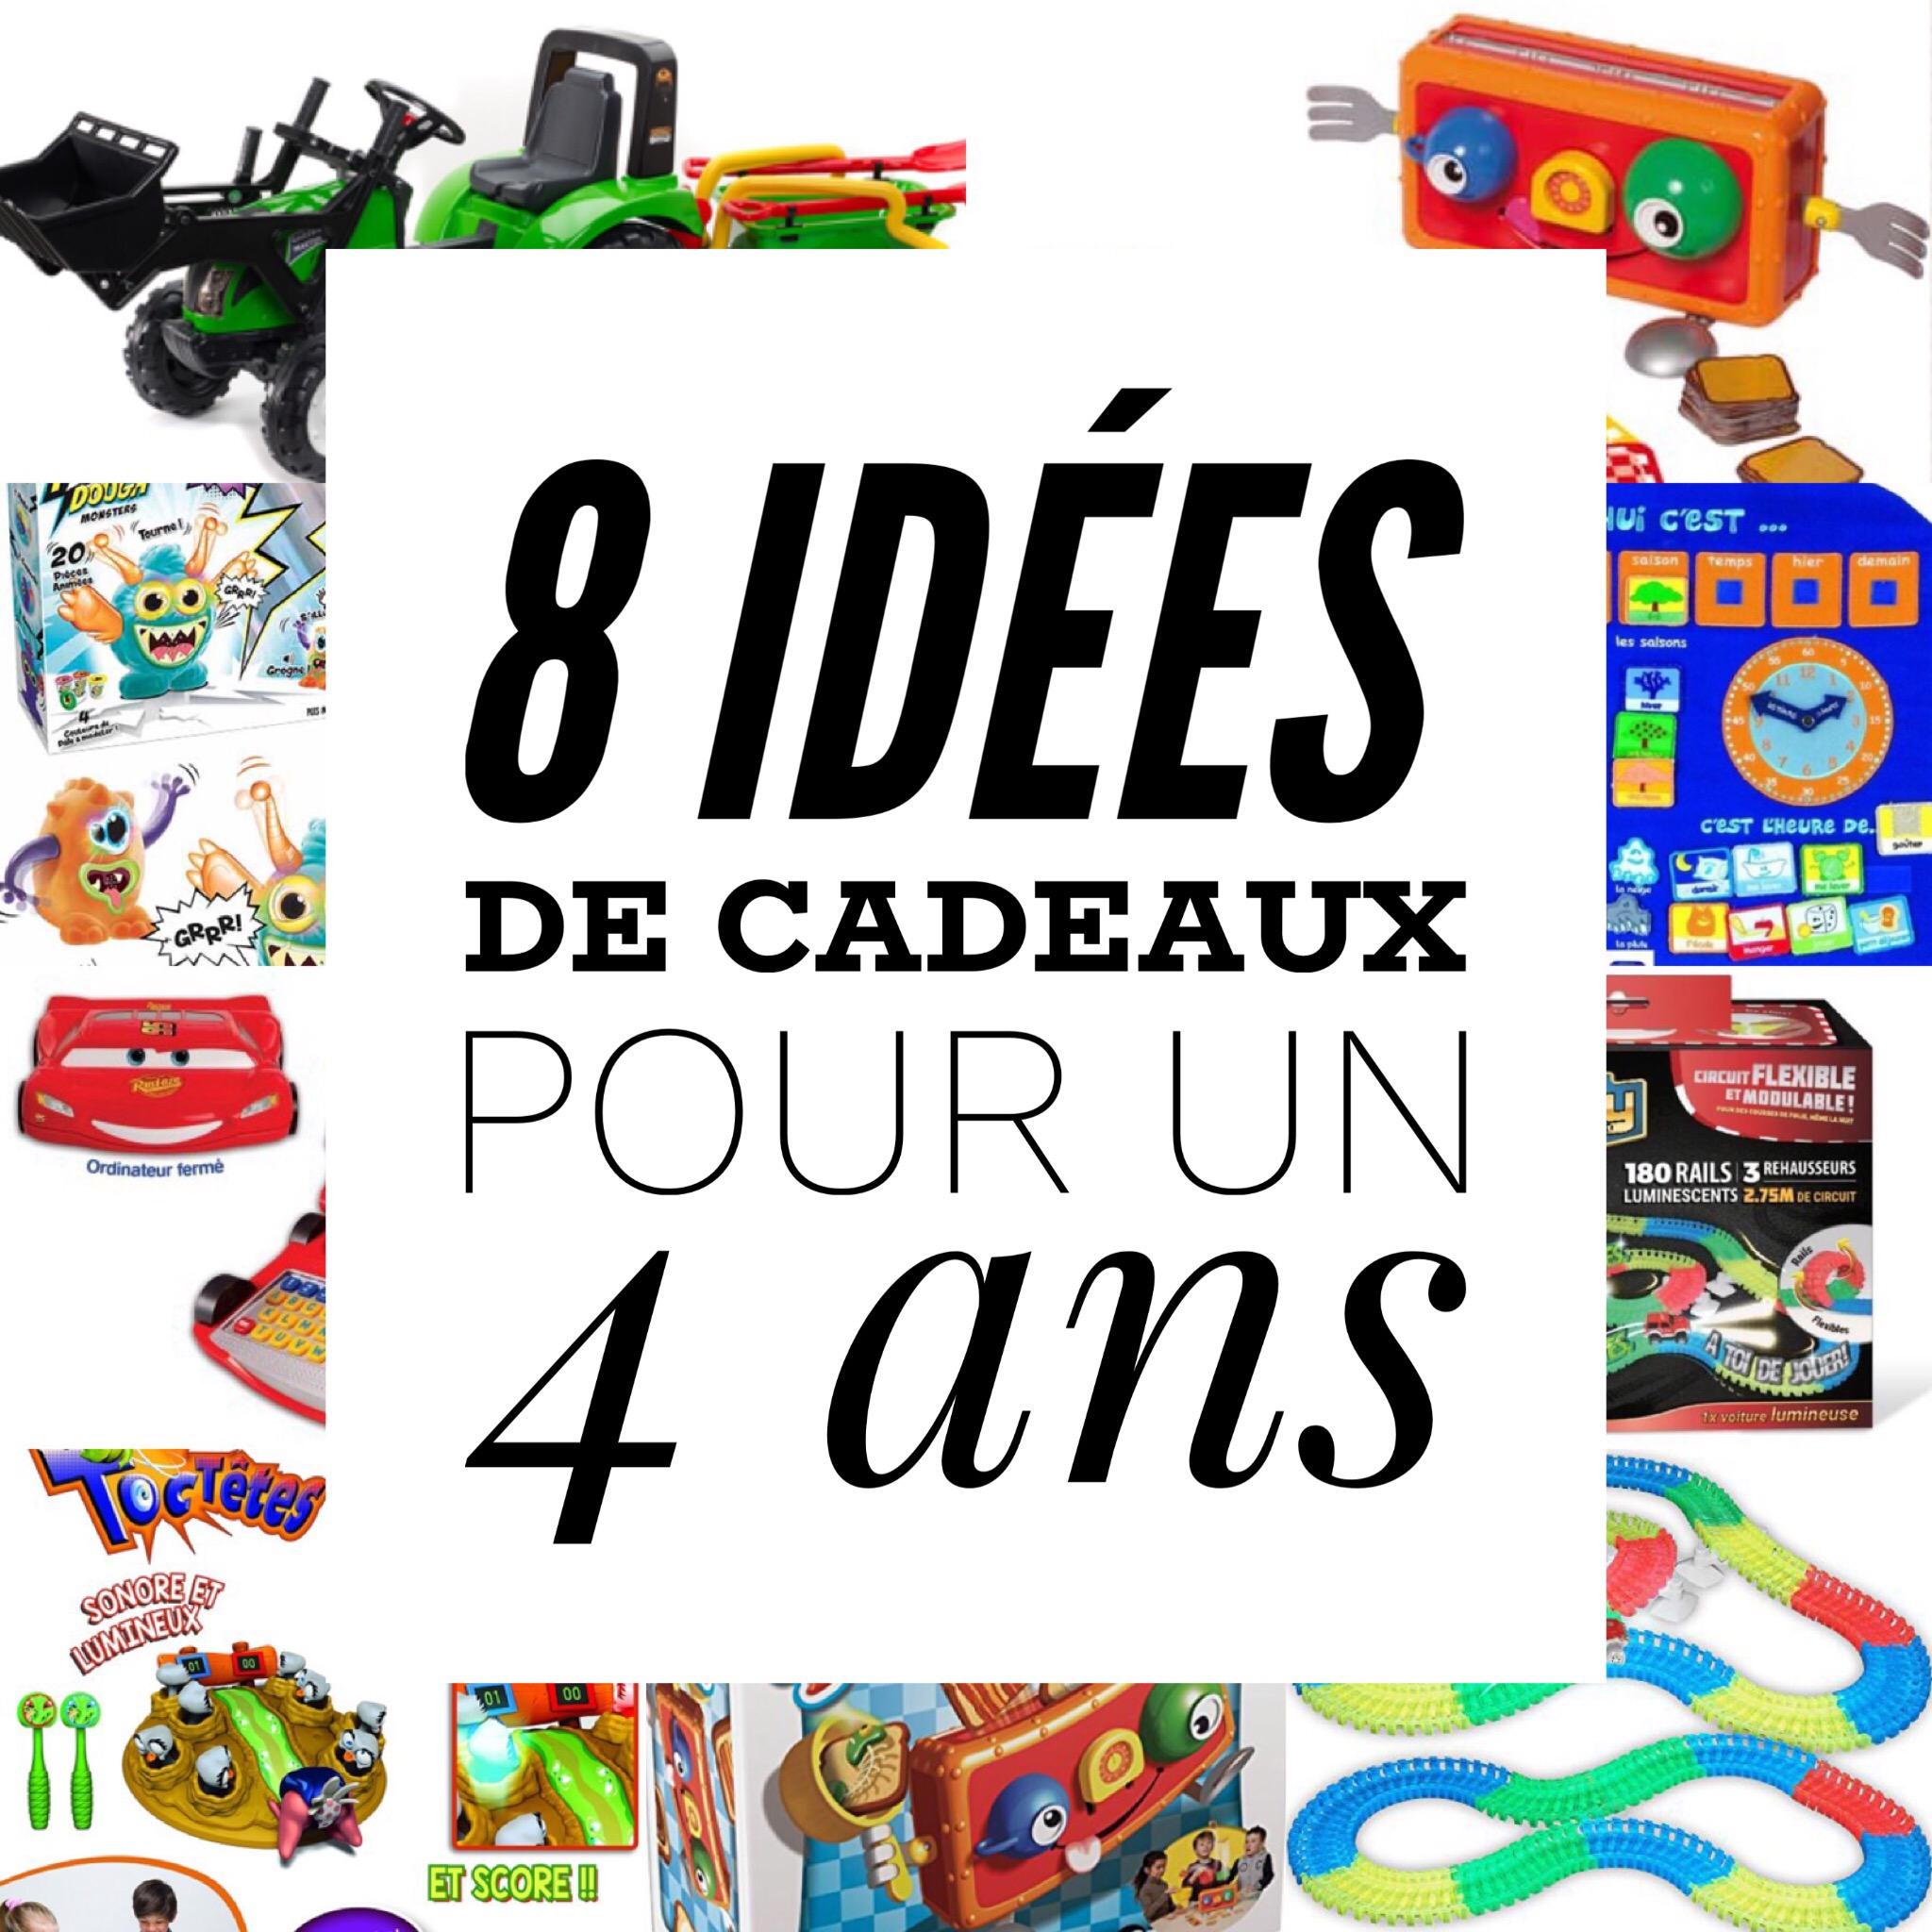 Idée Cadeau 4 Ans GarçOn 8 idées de cadeaux pour un enfant de 4 ans – Mummy Chamallow